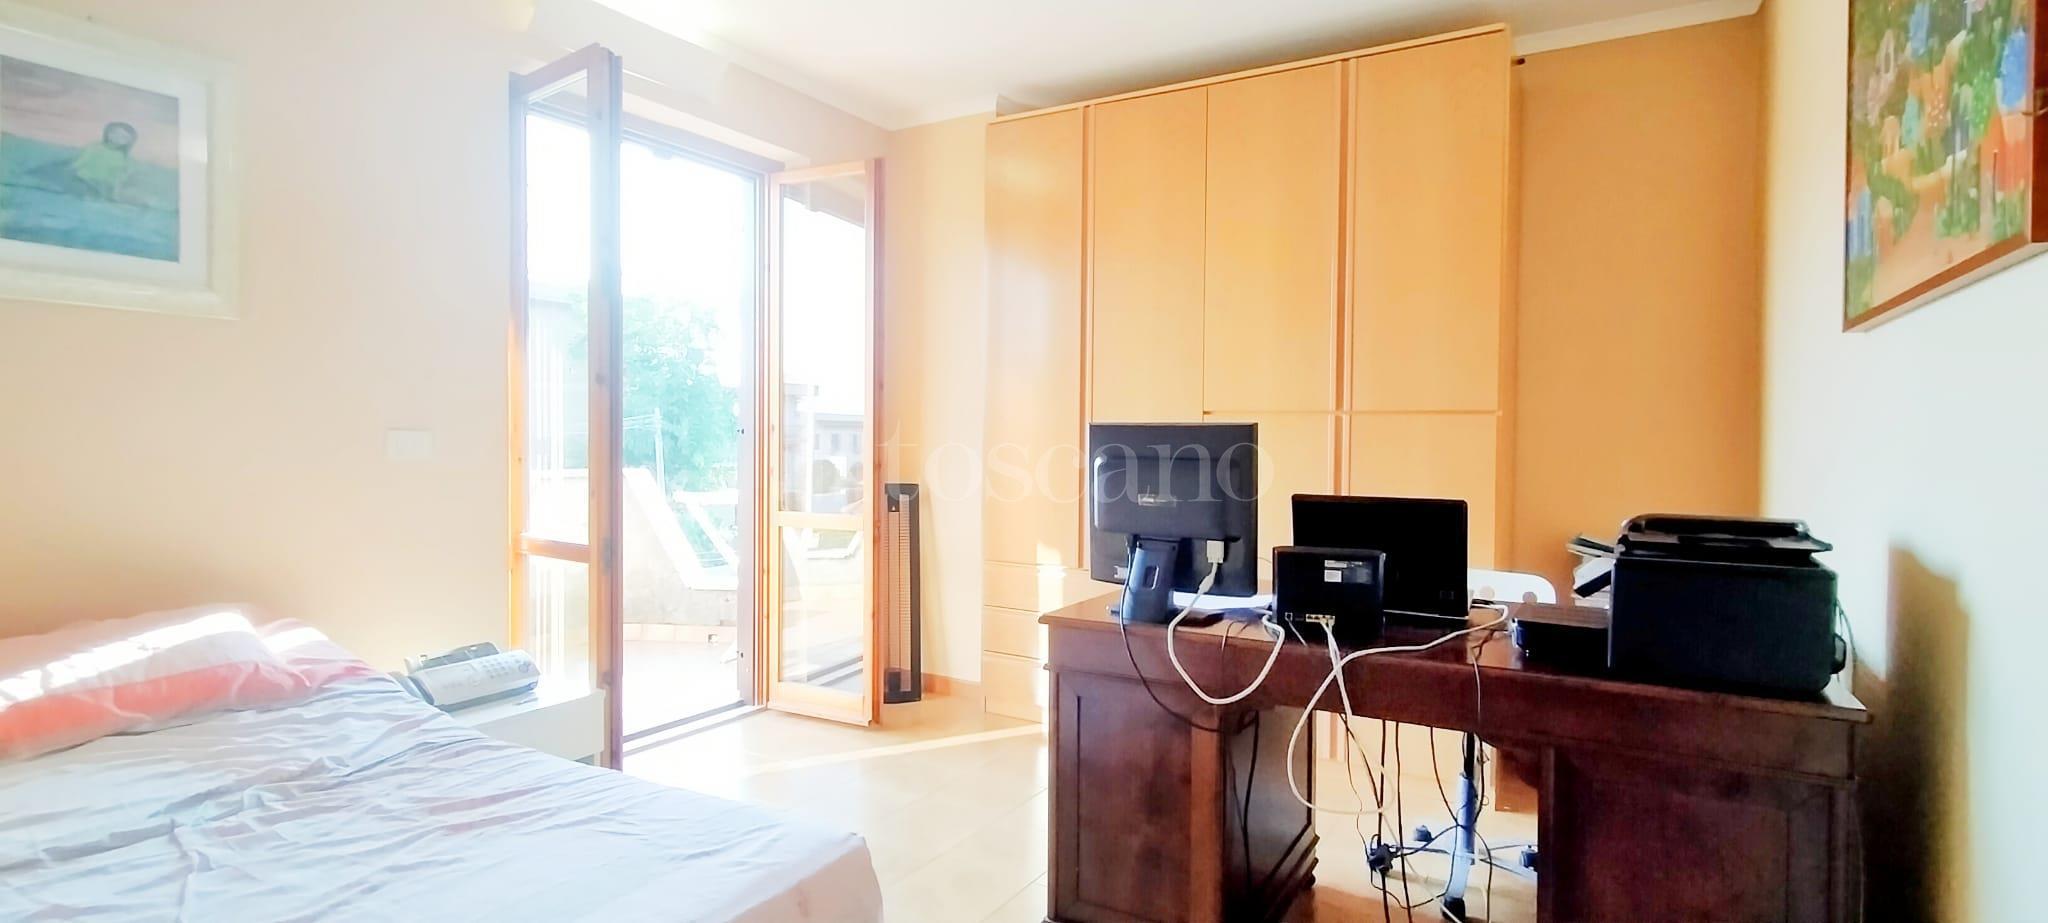 Villa in vendita di 350 mq a €799.000 (rif. 58/2020) immagine 14 di 15